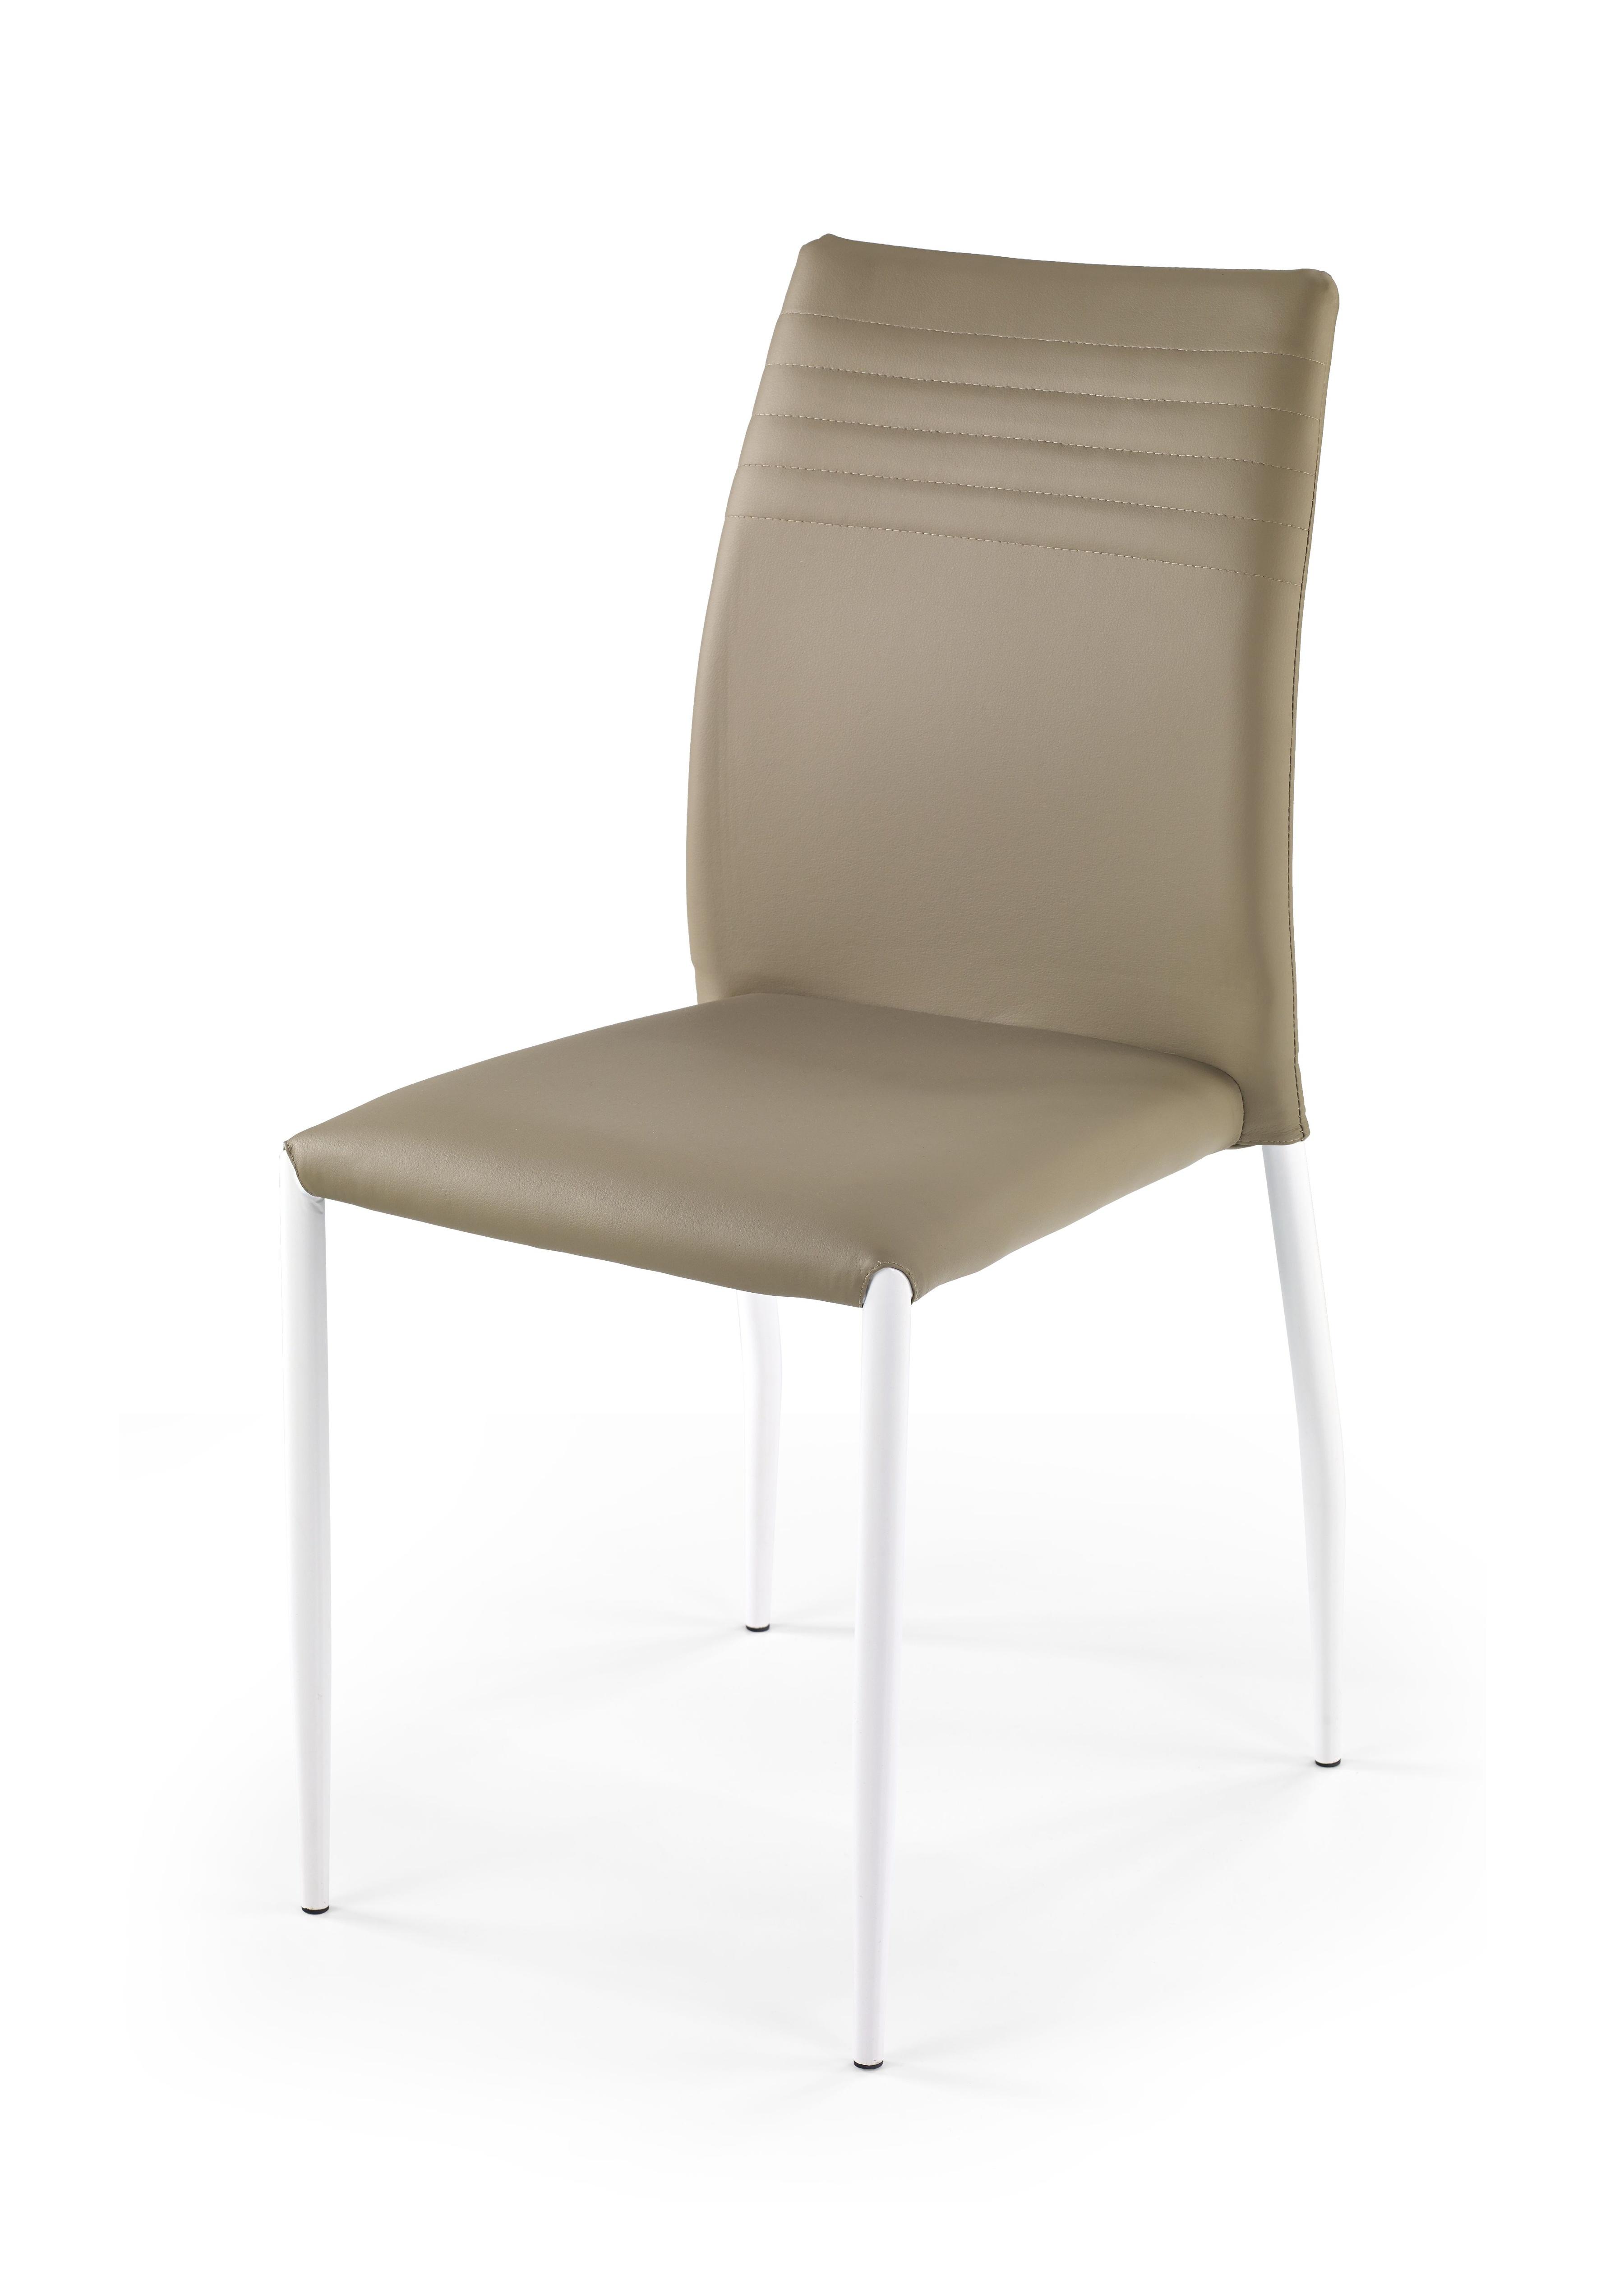 Jedálenská stolička - Halmar - K 168 biela + béžová